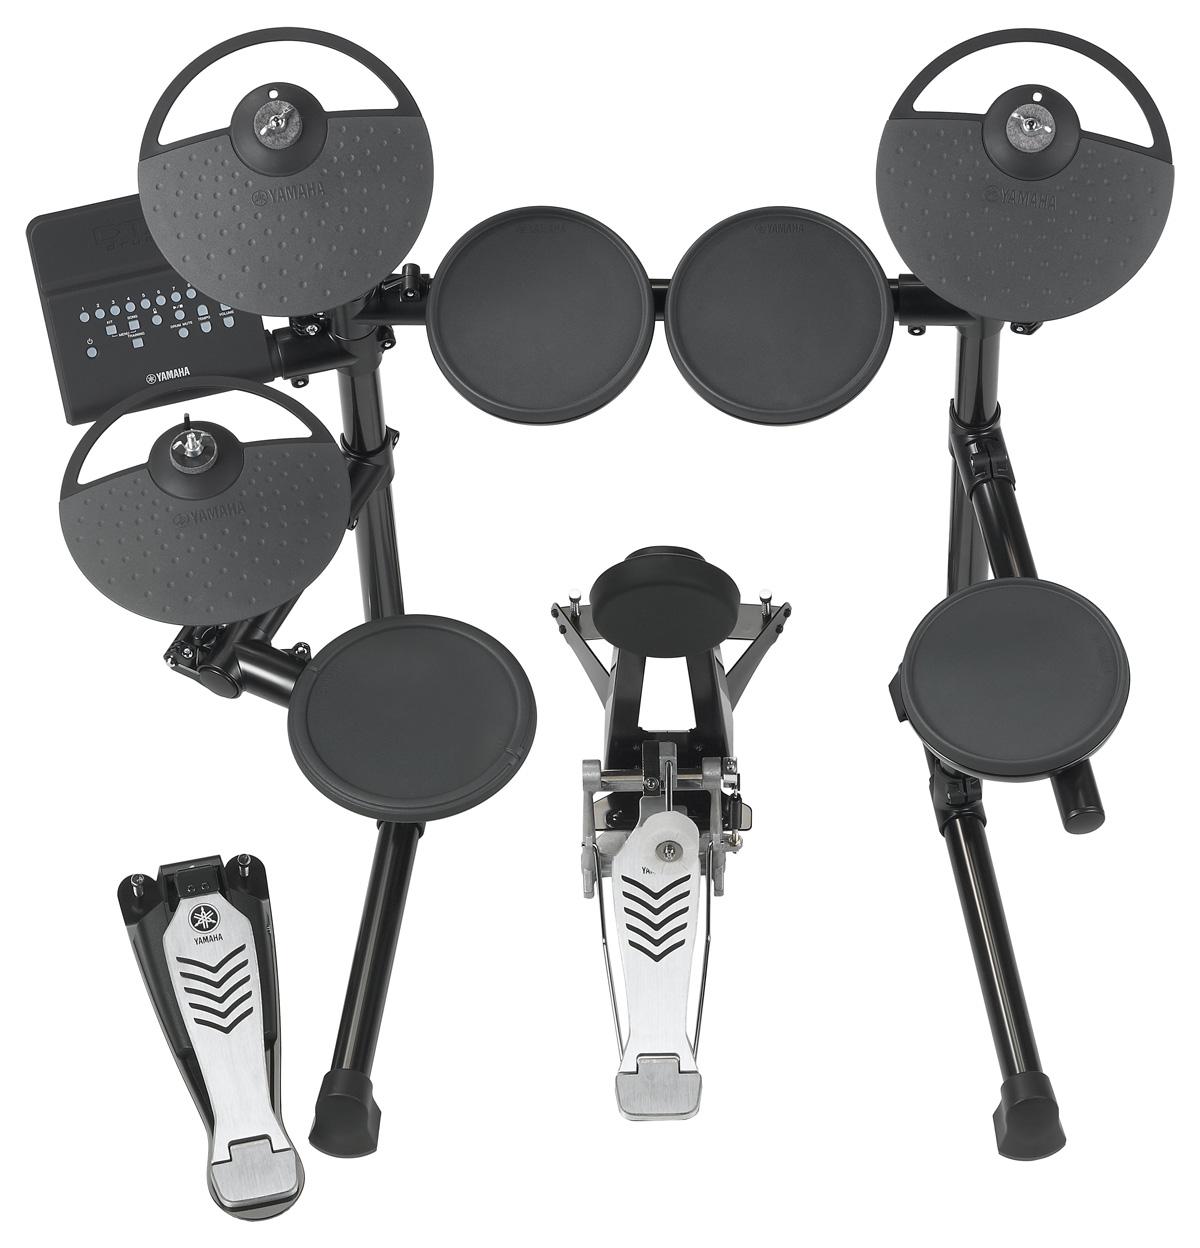 Yamaha Dtx450k Electronic Drum Kit Yamaha Music London